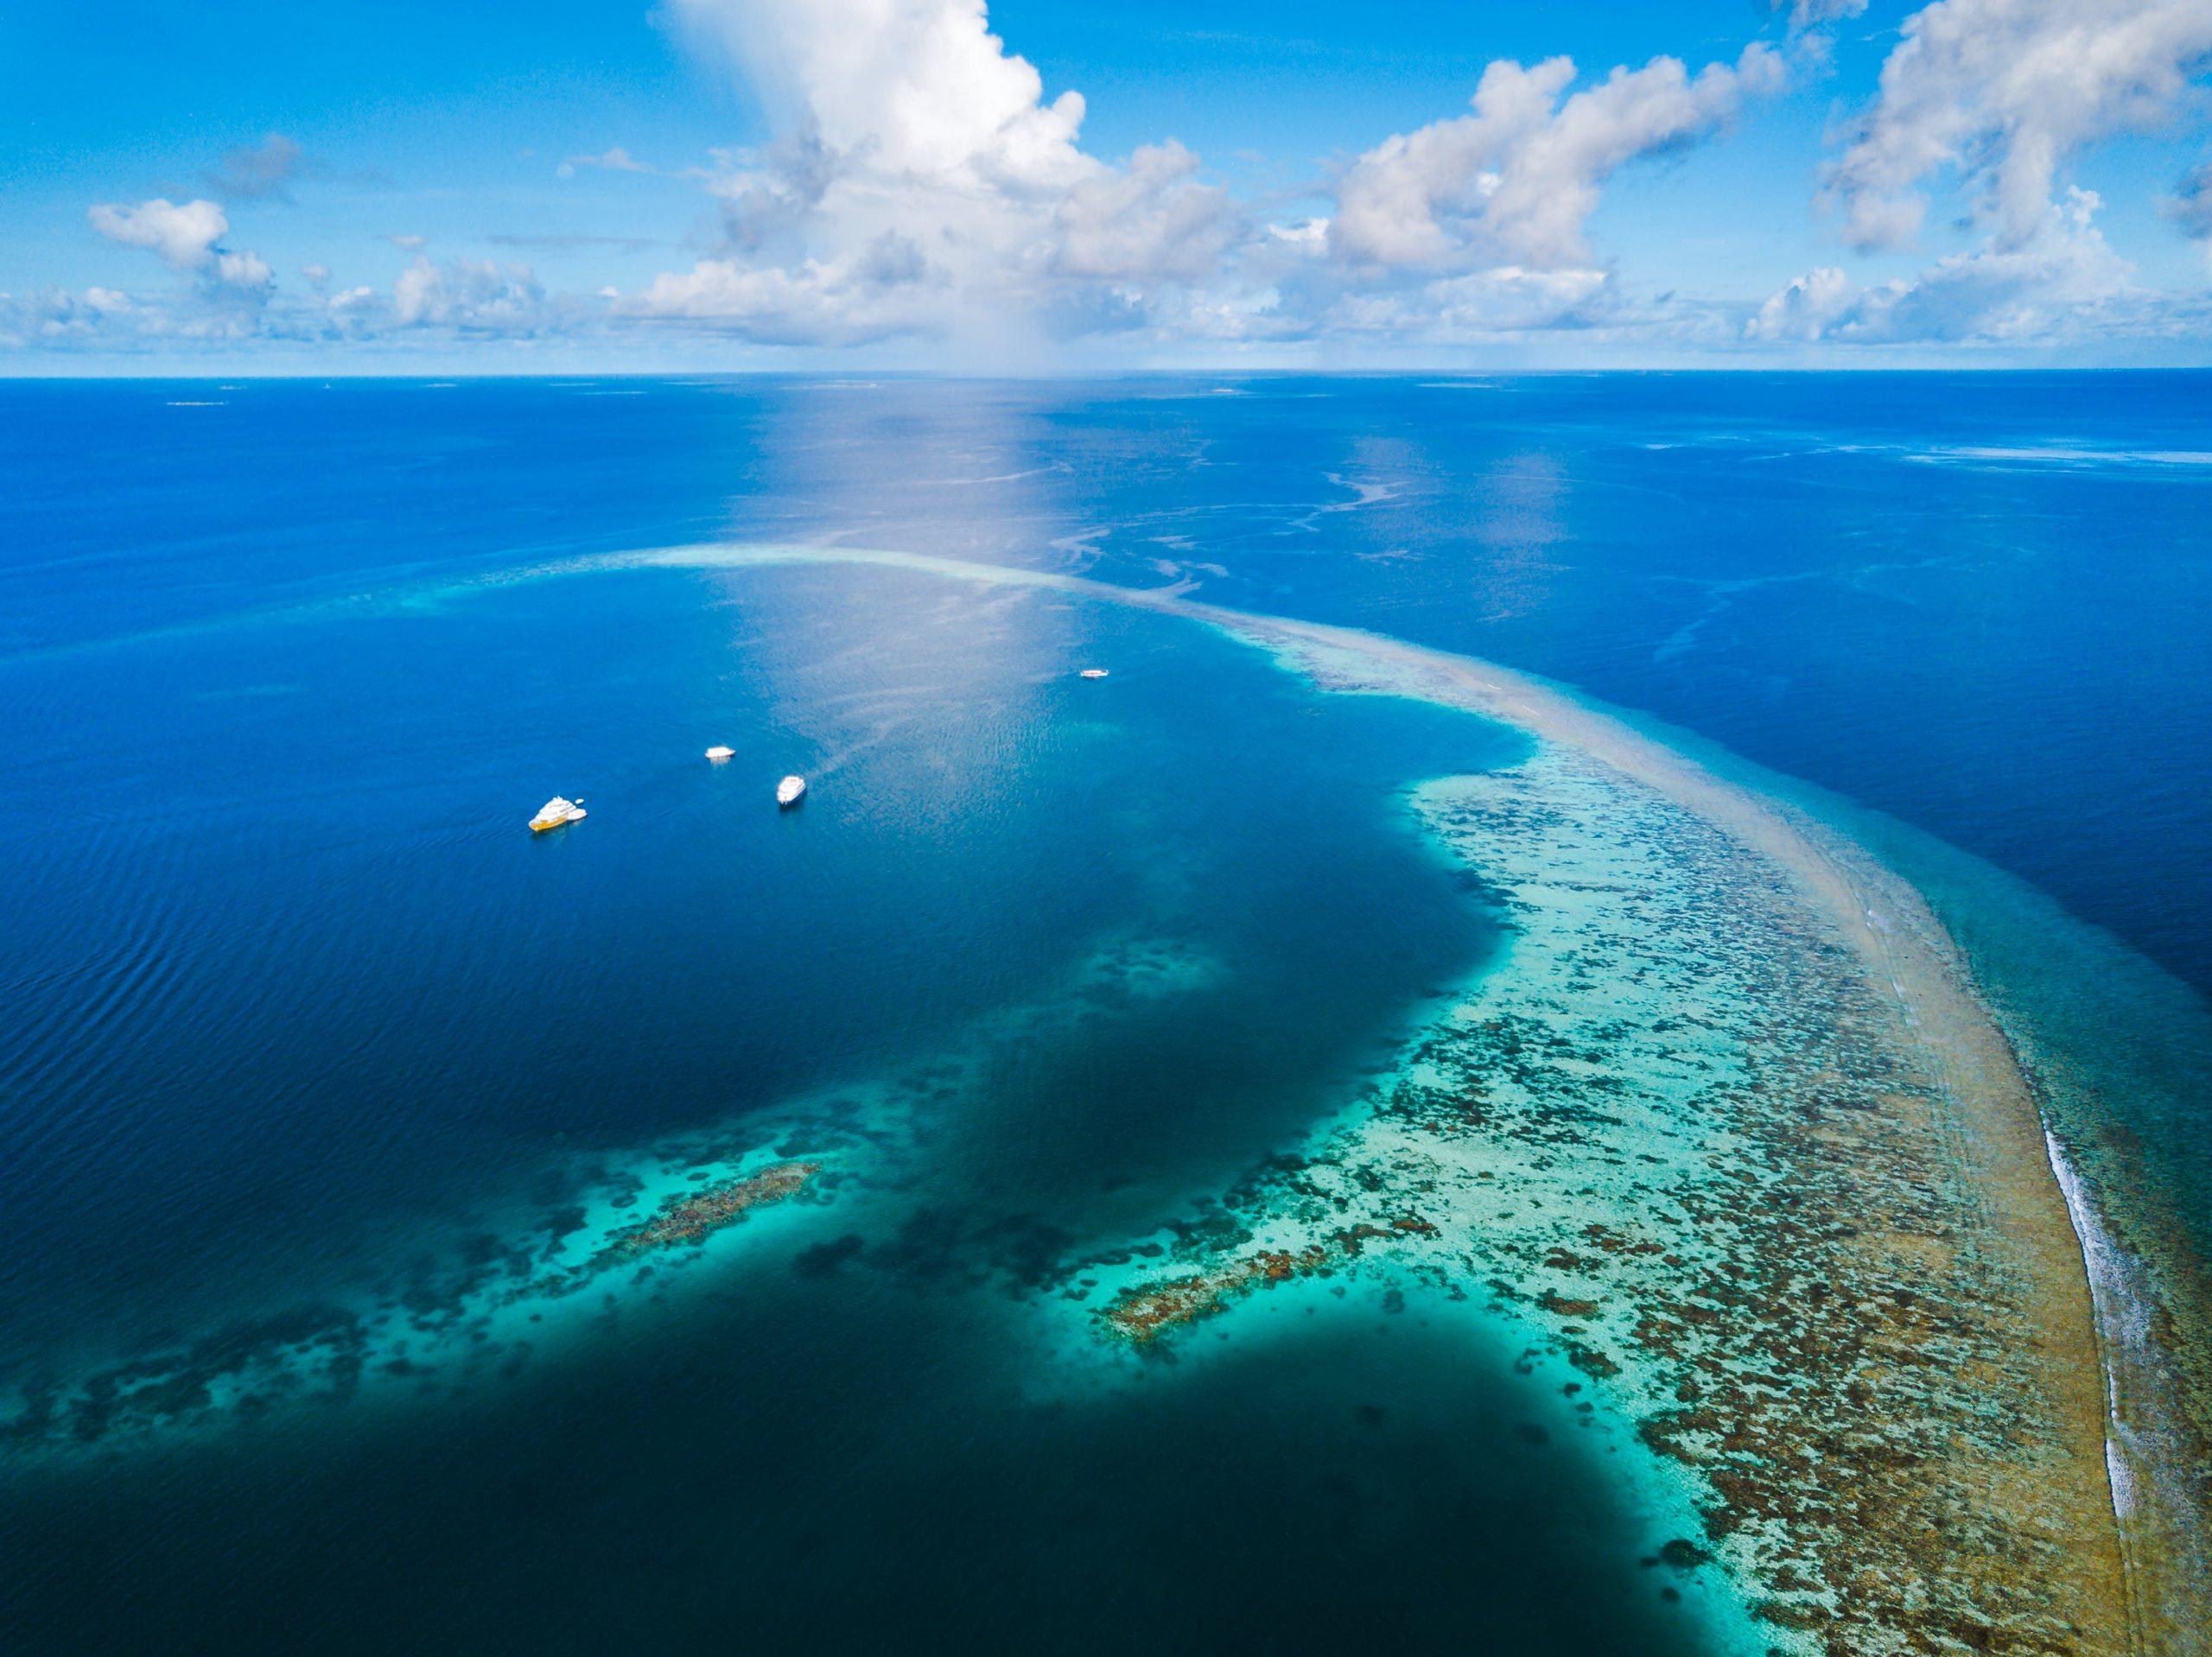 Croisière plongée aux Maldives avec la flotte de Seafari